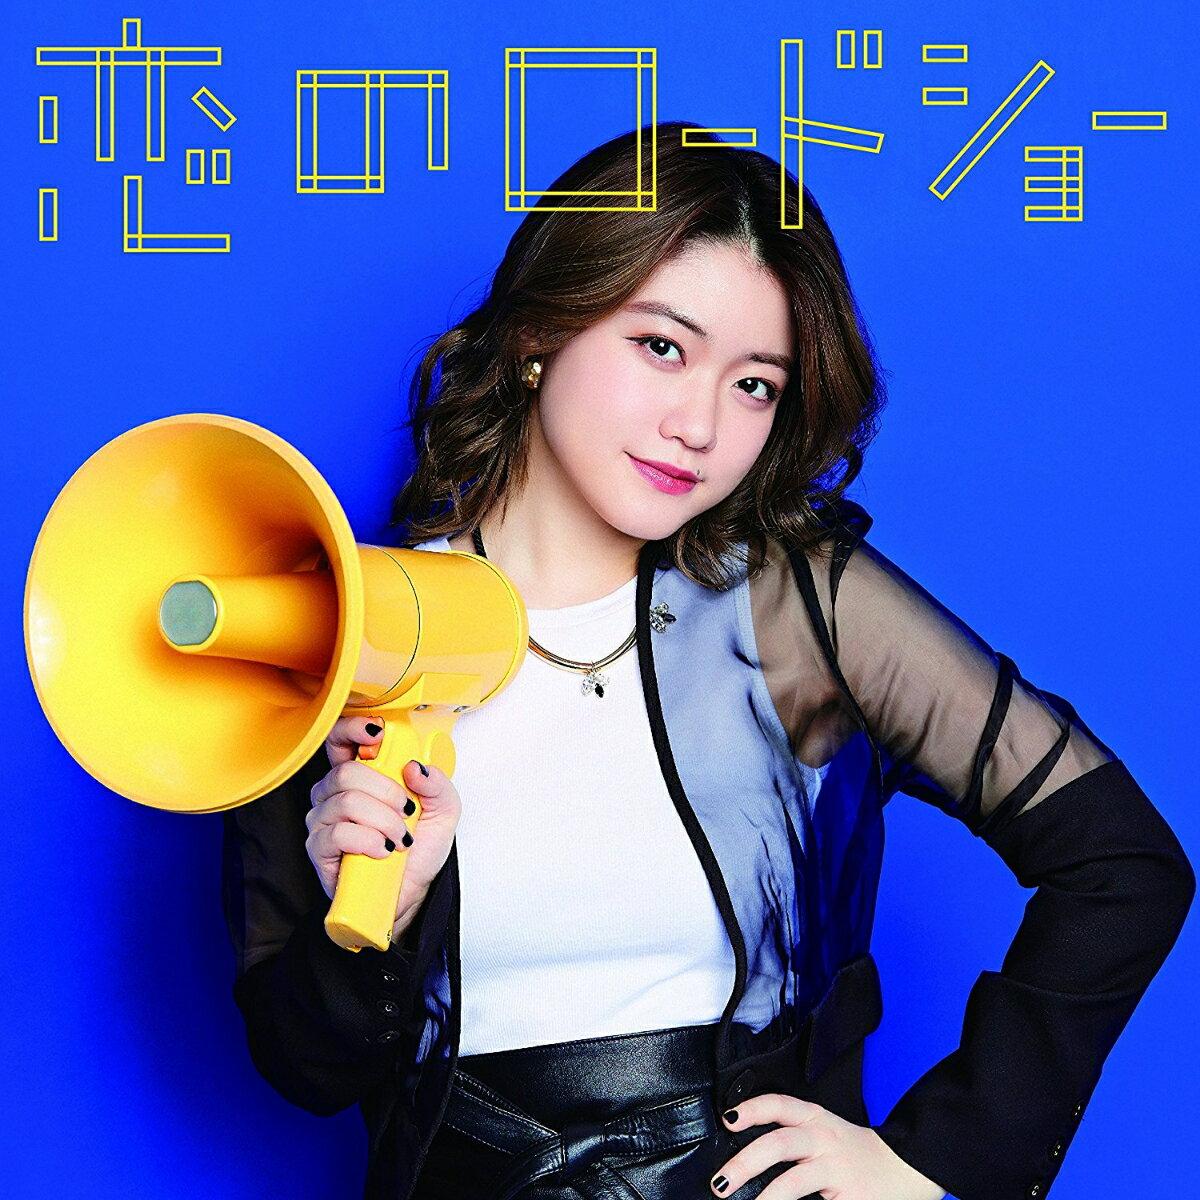 恋のロードショー (初回生産限定ピクチャーレーベル盤 【野元空ver.】) [ フェアリーズ ]